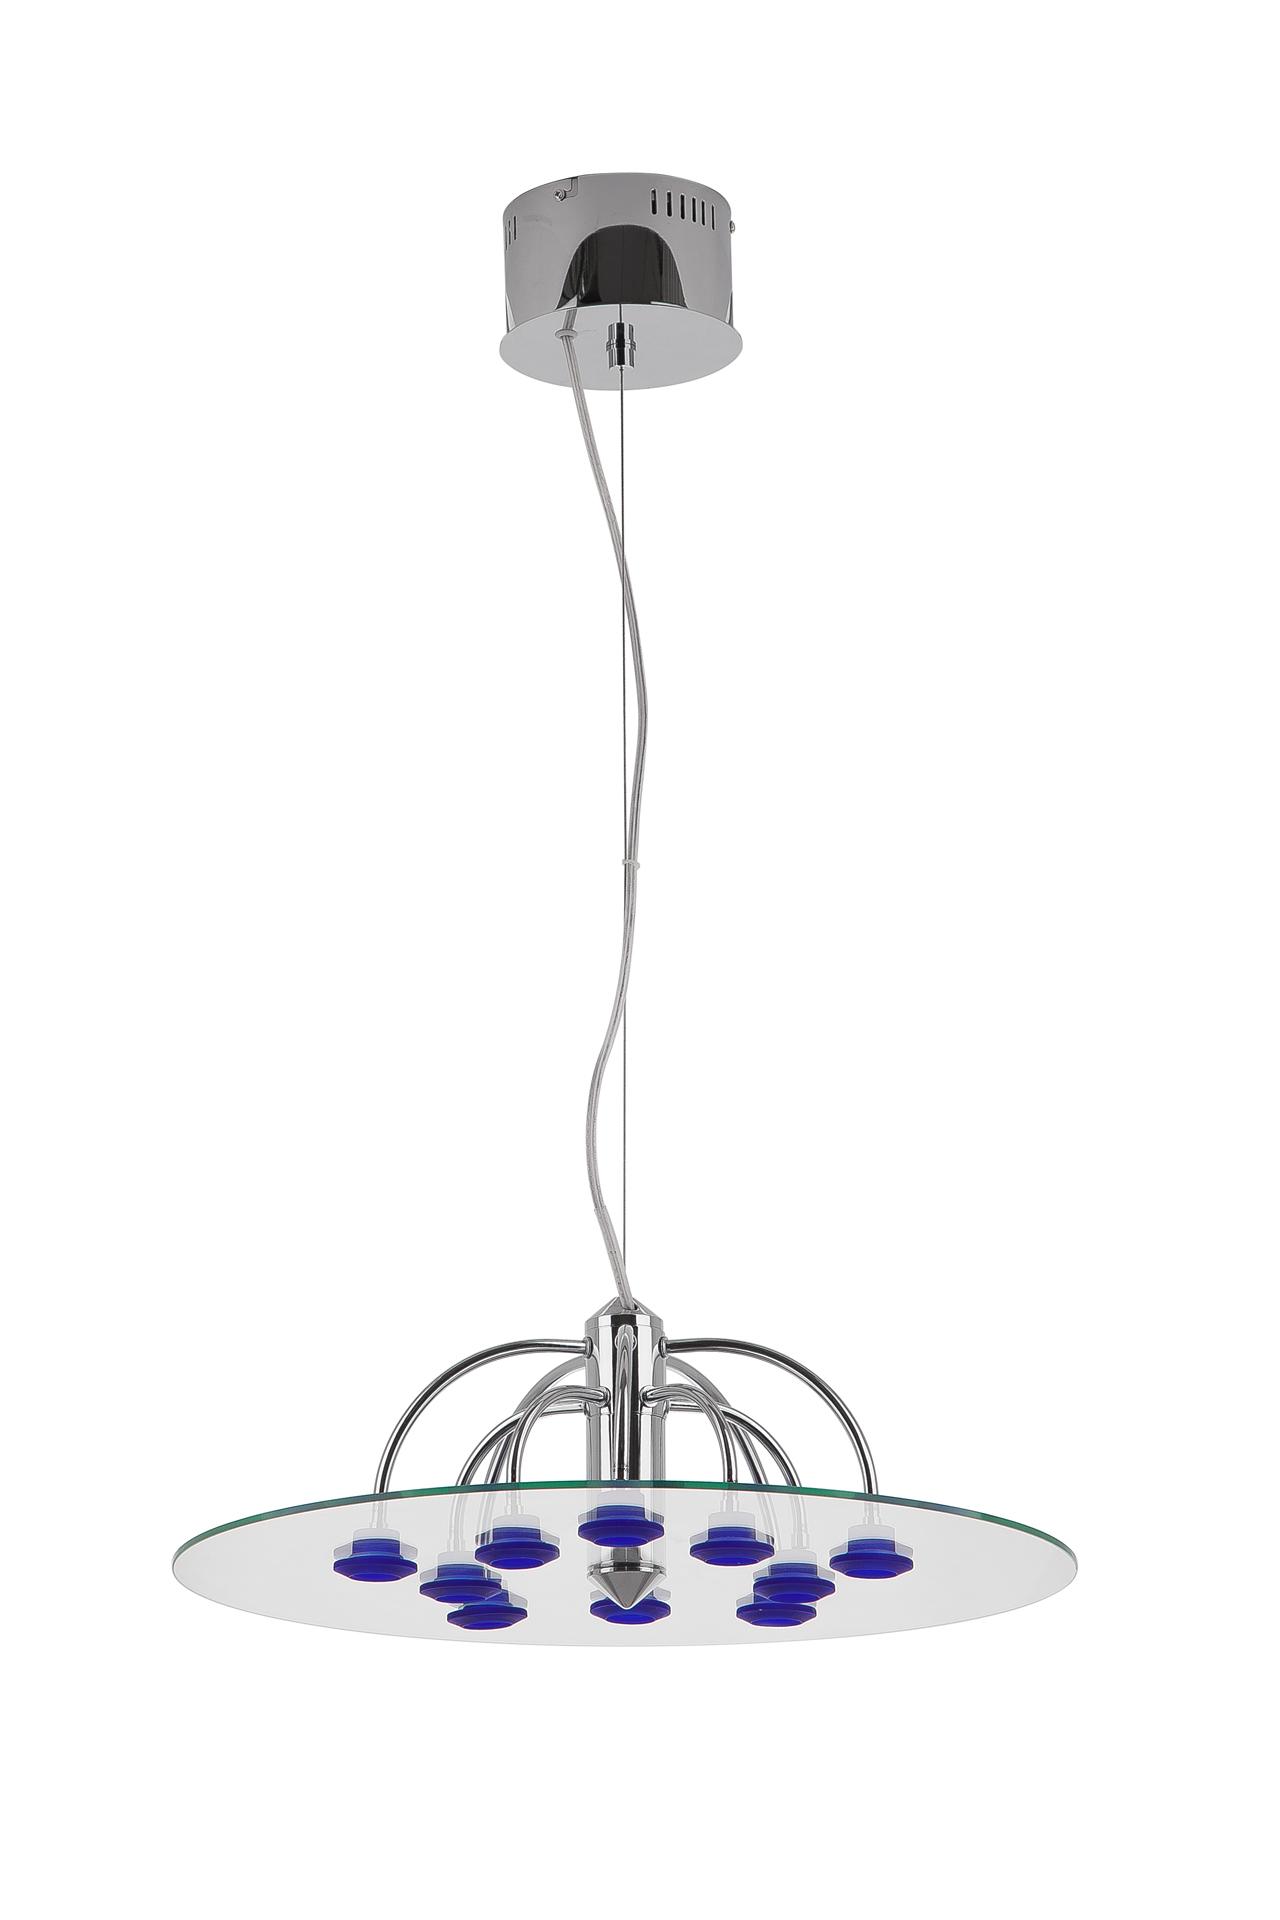 {} CRYSTAL LIGHT Подвесной светильник Umay (56 см) crystal light светильник подвесной copacabana 20х40 см